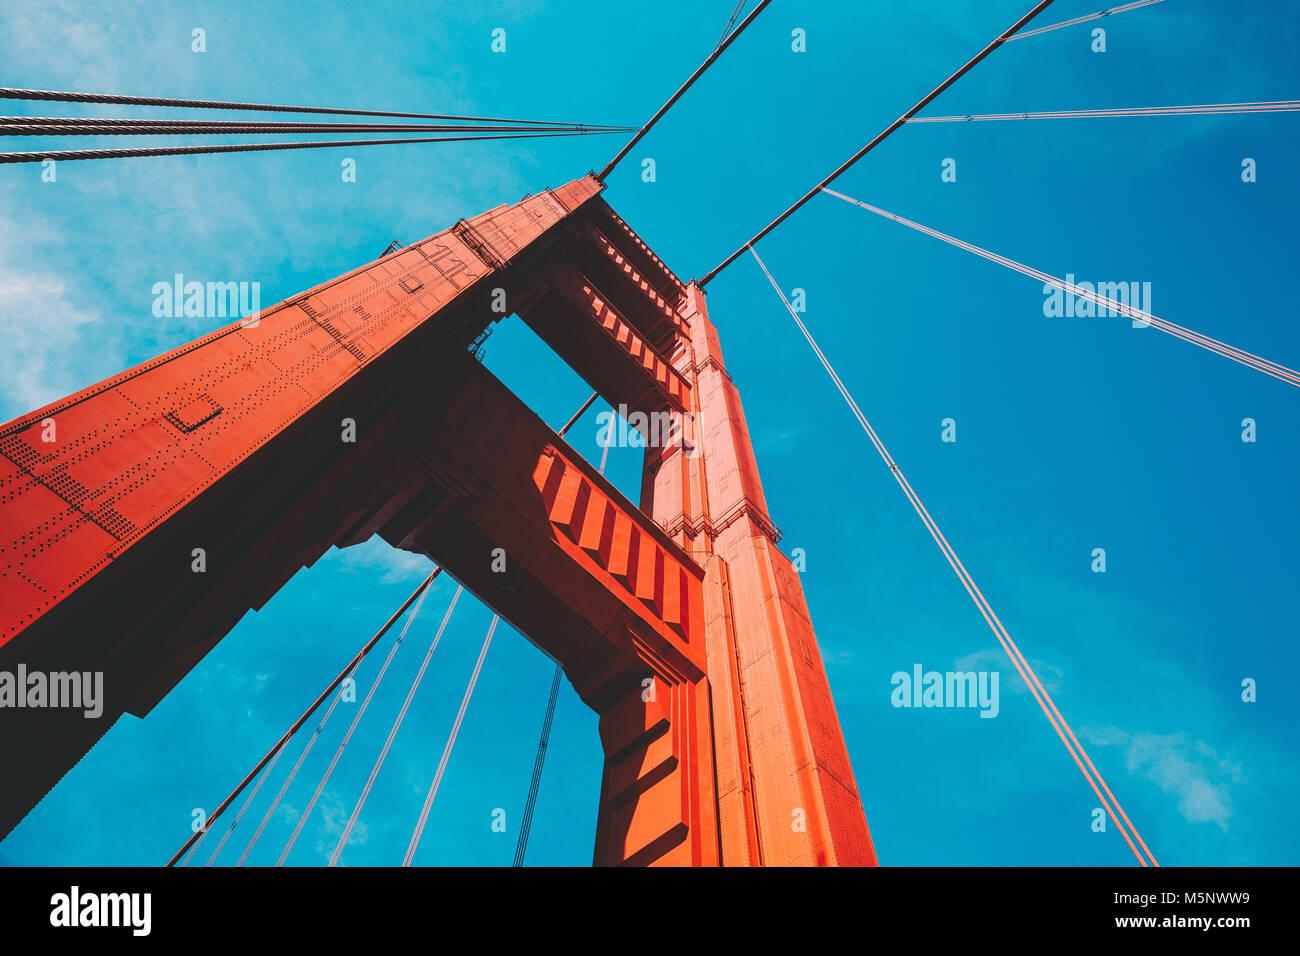 Schönen niedrigen Winkel Blick auf die berühmte Golden Gate Bridge mit blauem Himmel und Wolken an einem Stockbild